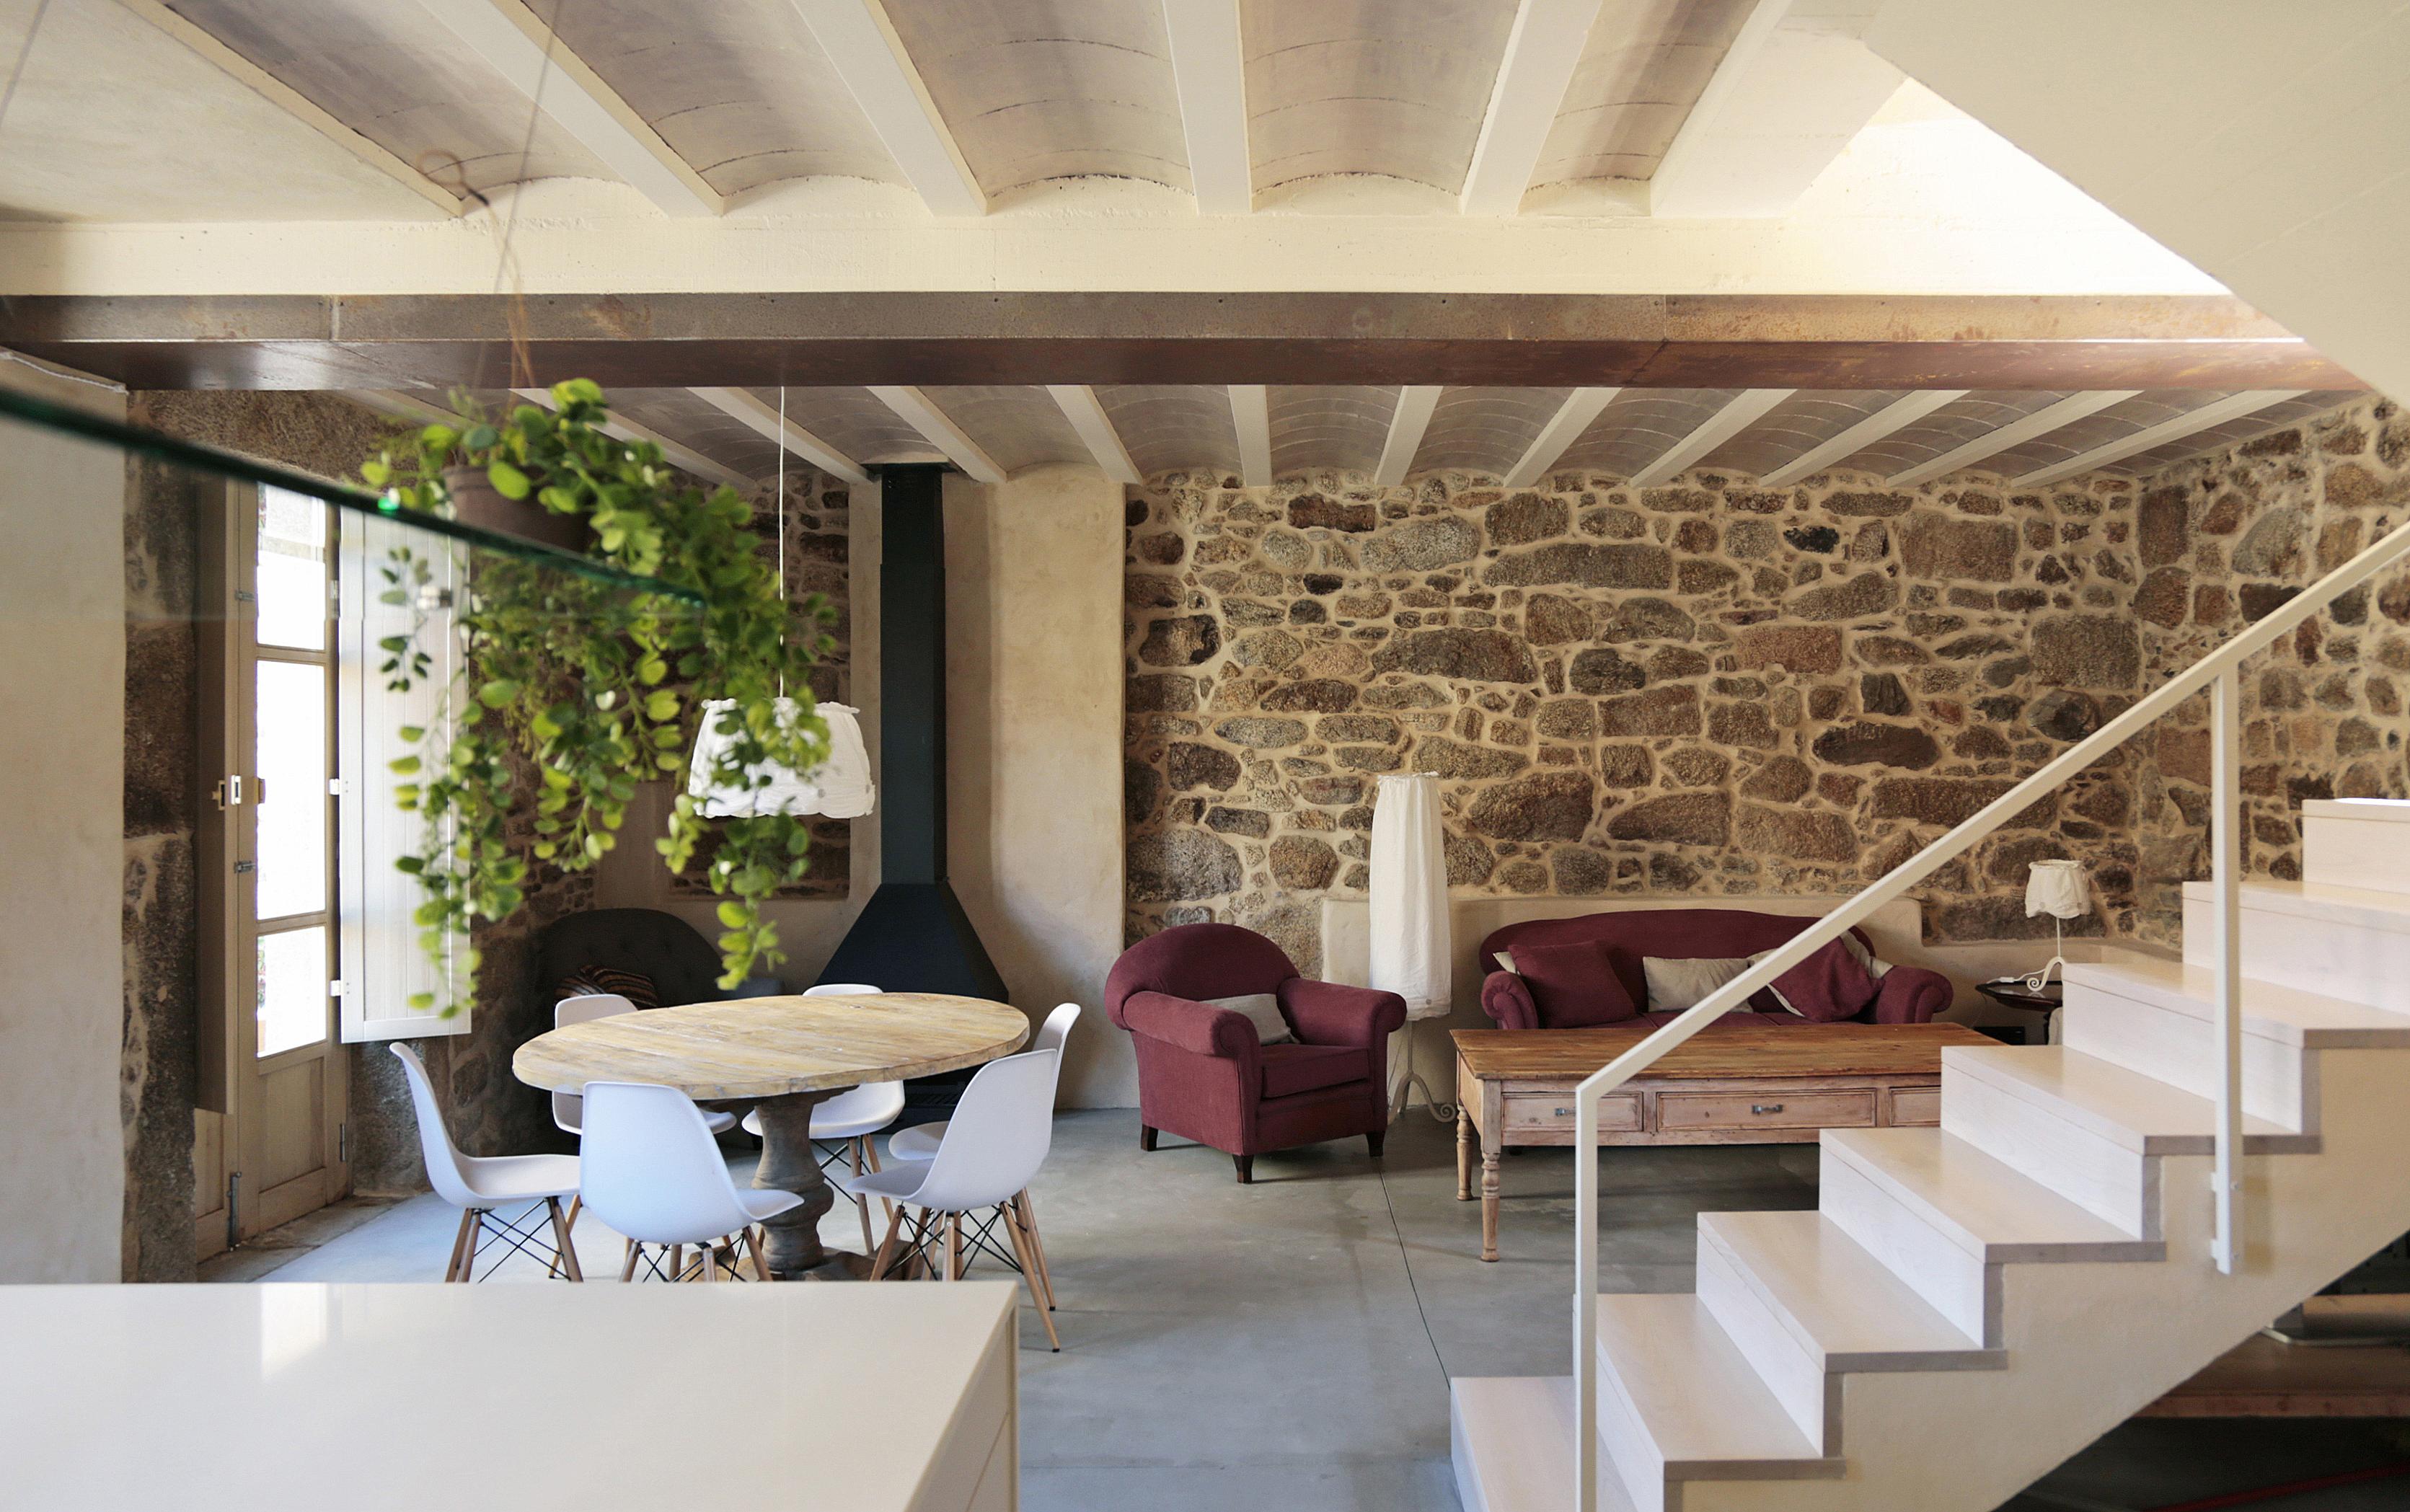 Rehabilitaci n de una casa en carnota dom arquitectura - Rehabilitacion de casas ...